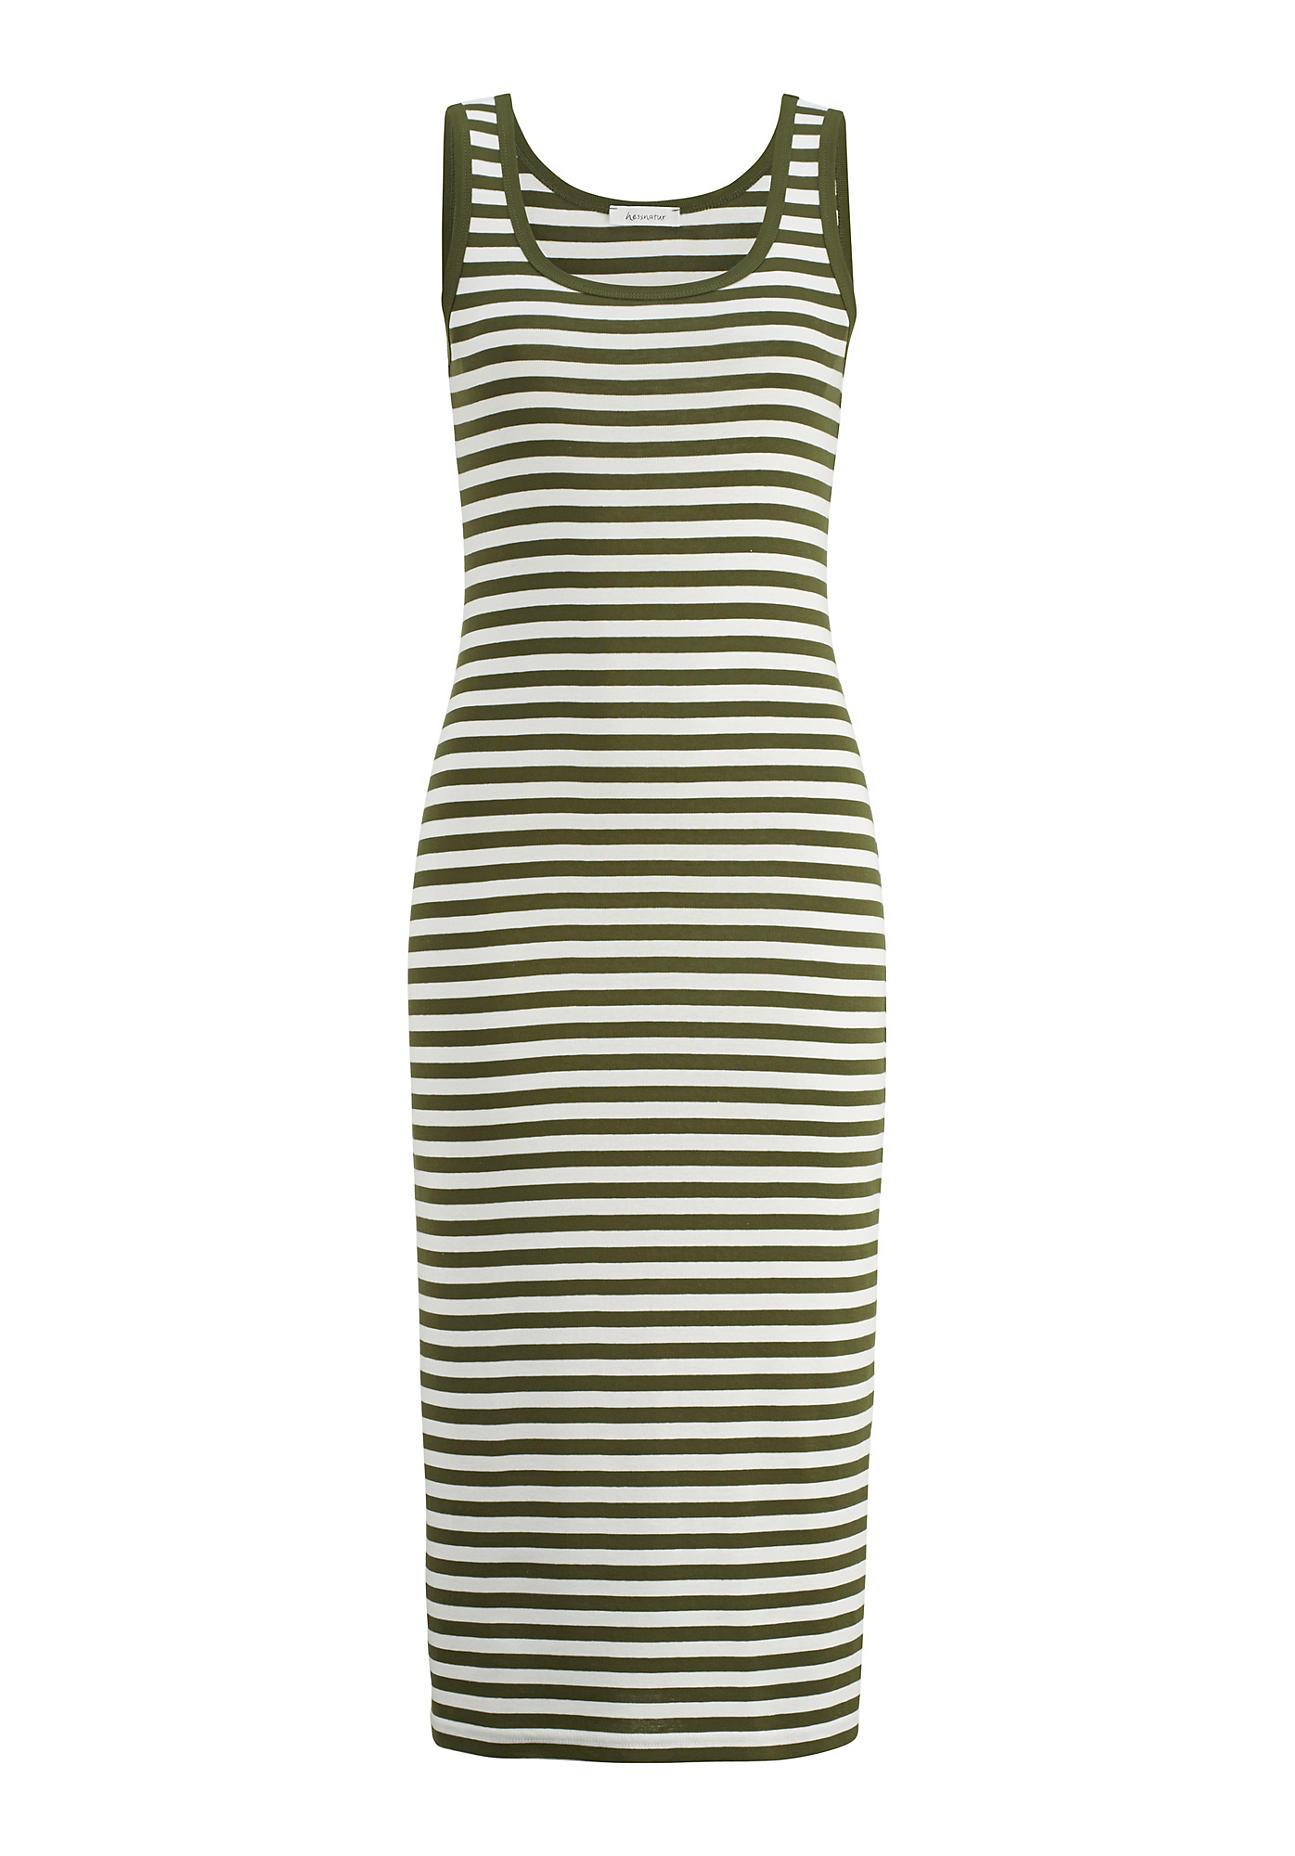 hessnatur -  Damen Kleid aus Bio-Baumwolle – grün – Größe 44